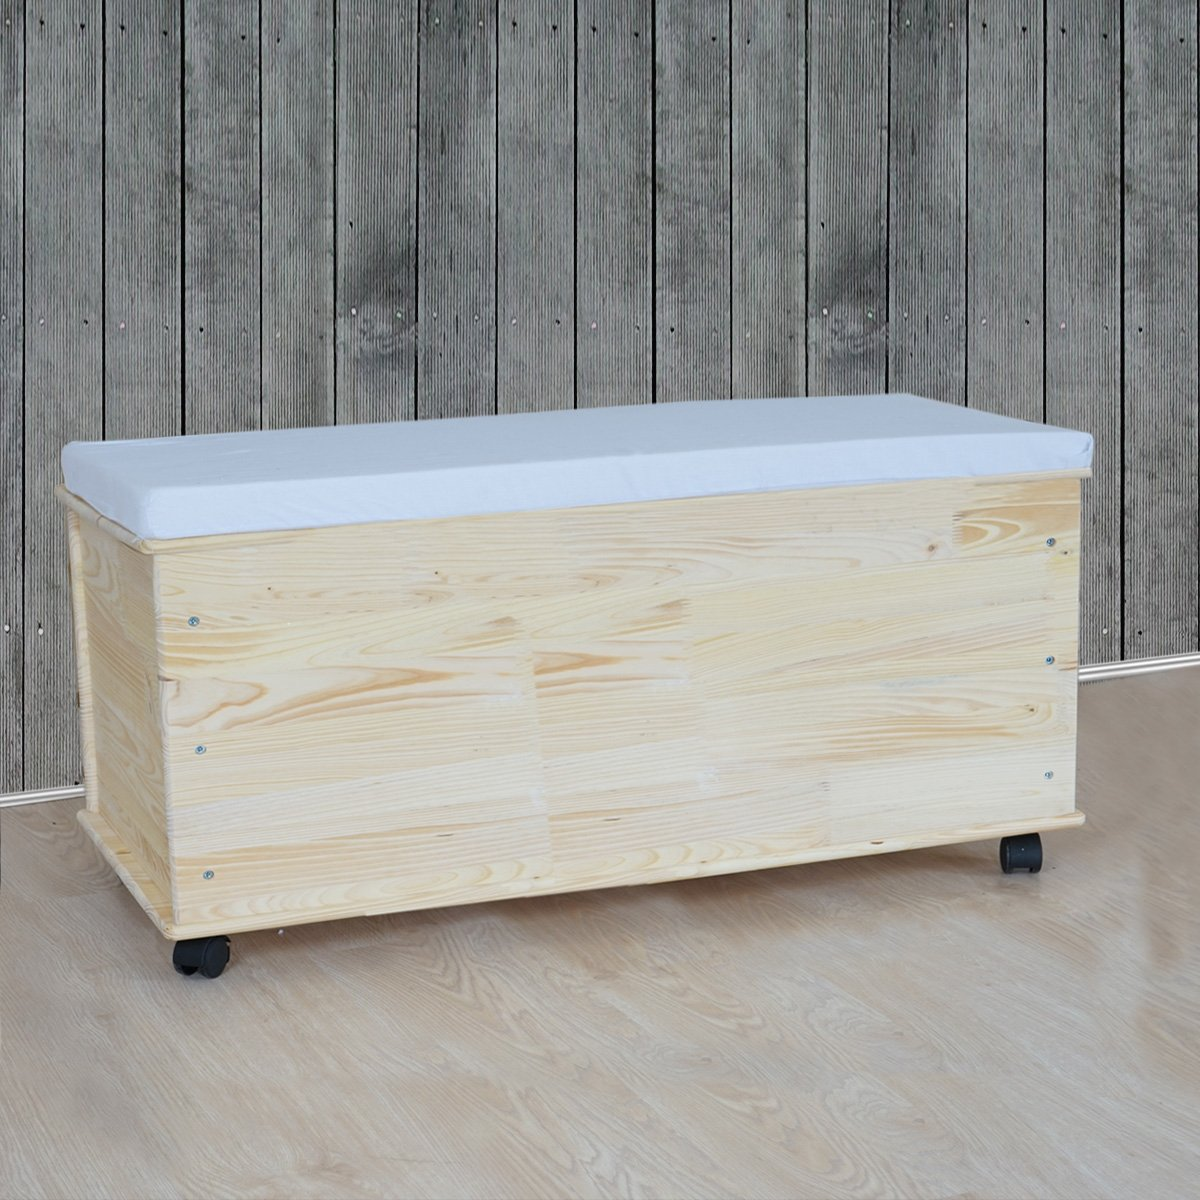 Baúl para almacenaje en madera natural, 91 cm - Cesta o Baul para ...